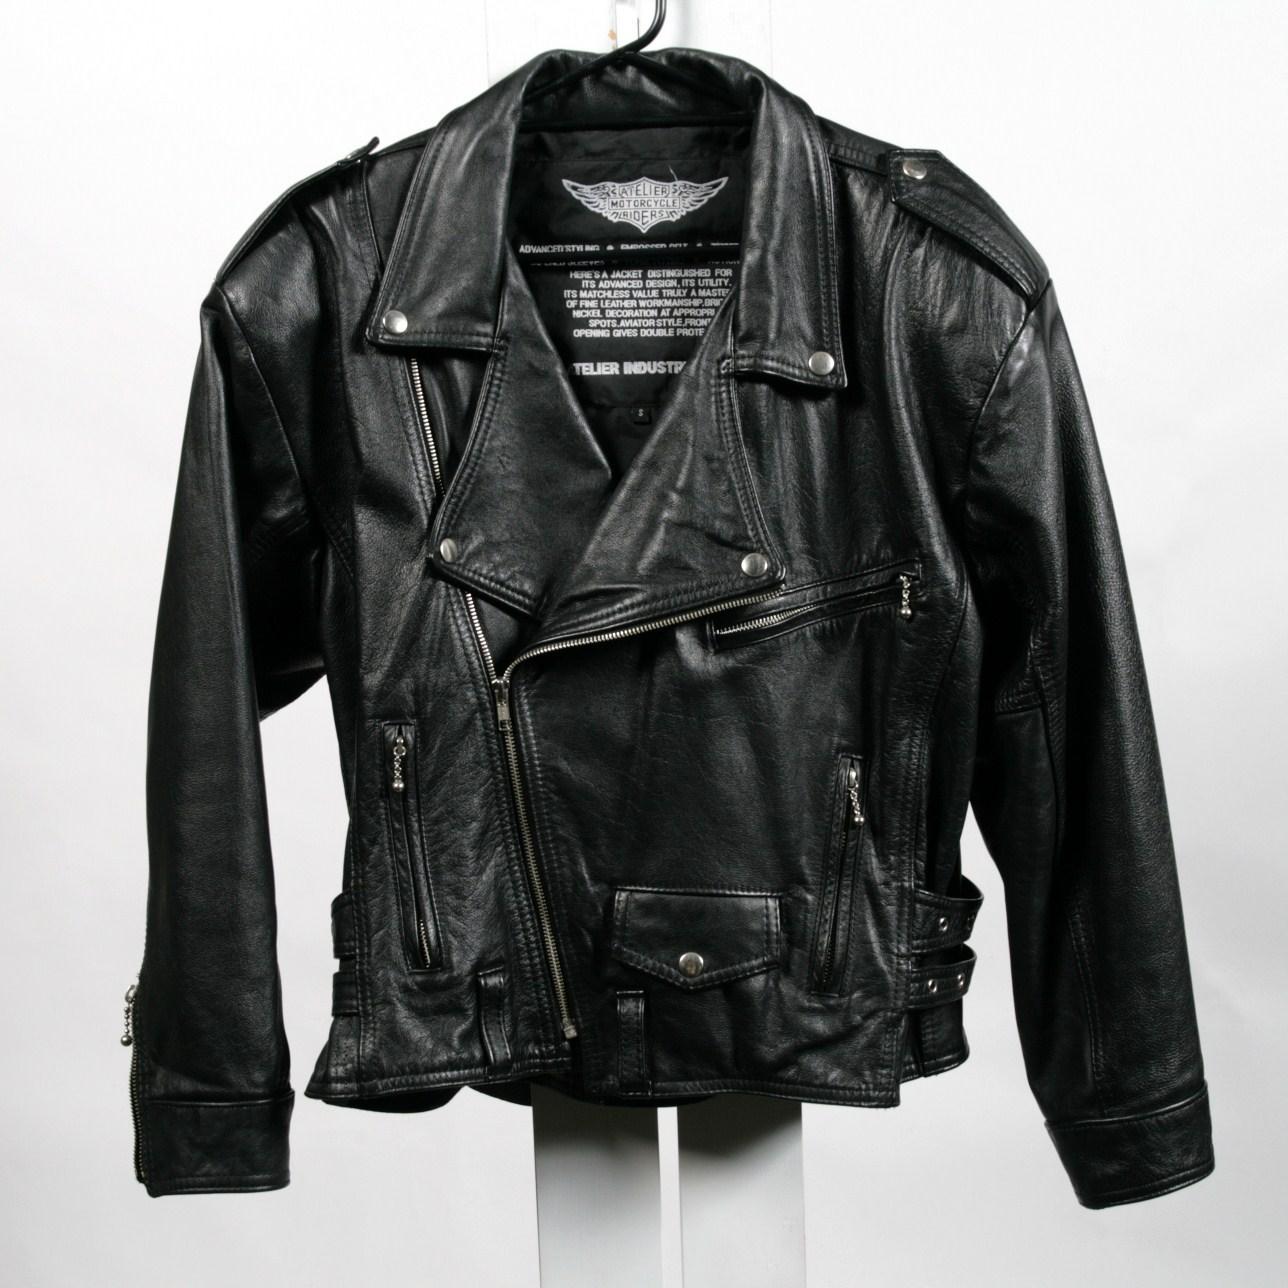 Harley Davidson Jacket Po